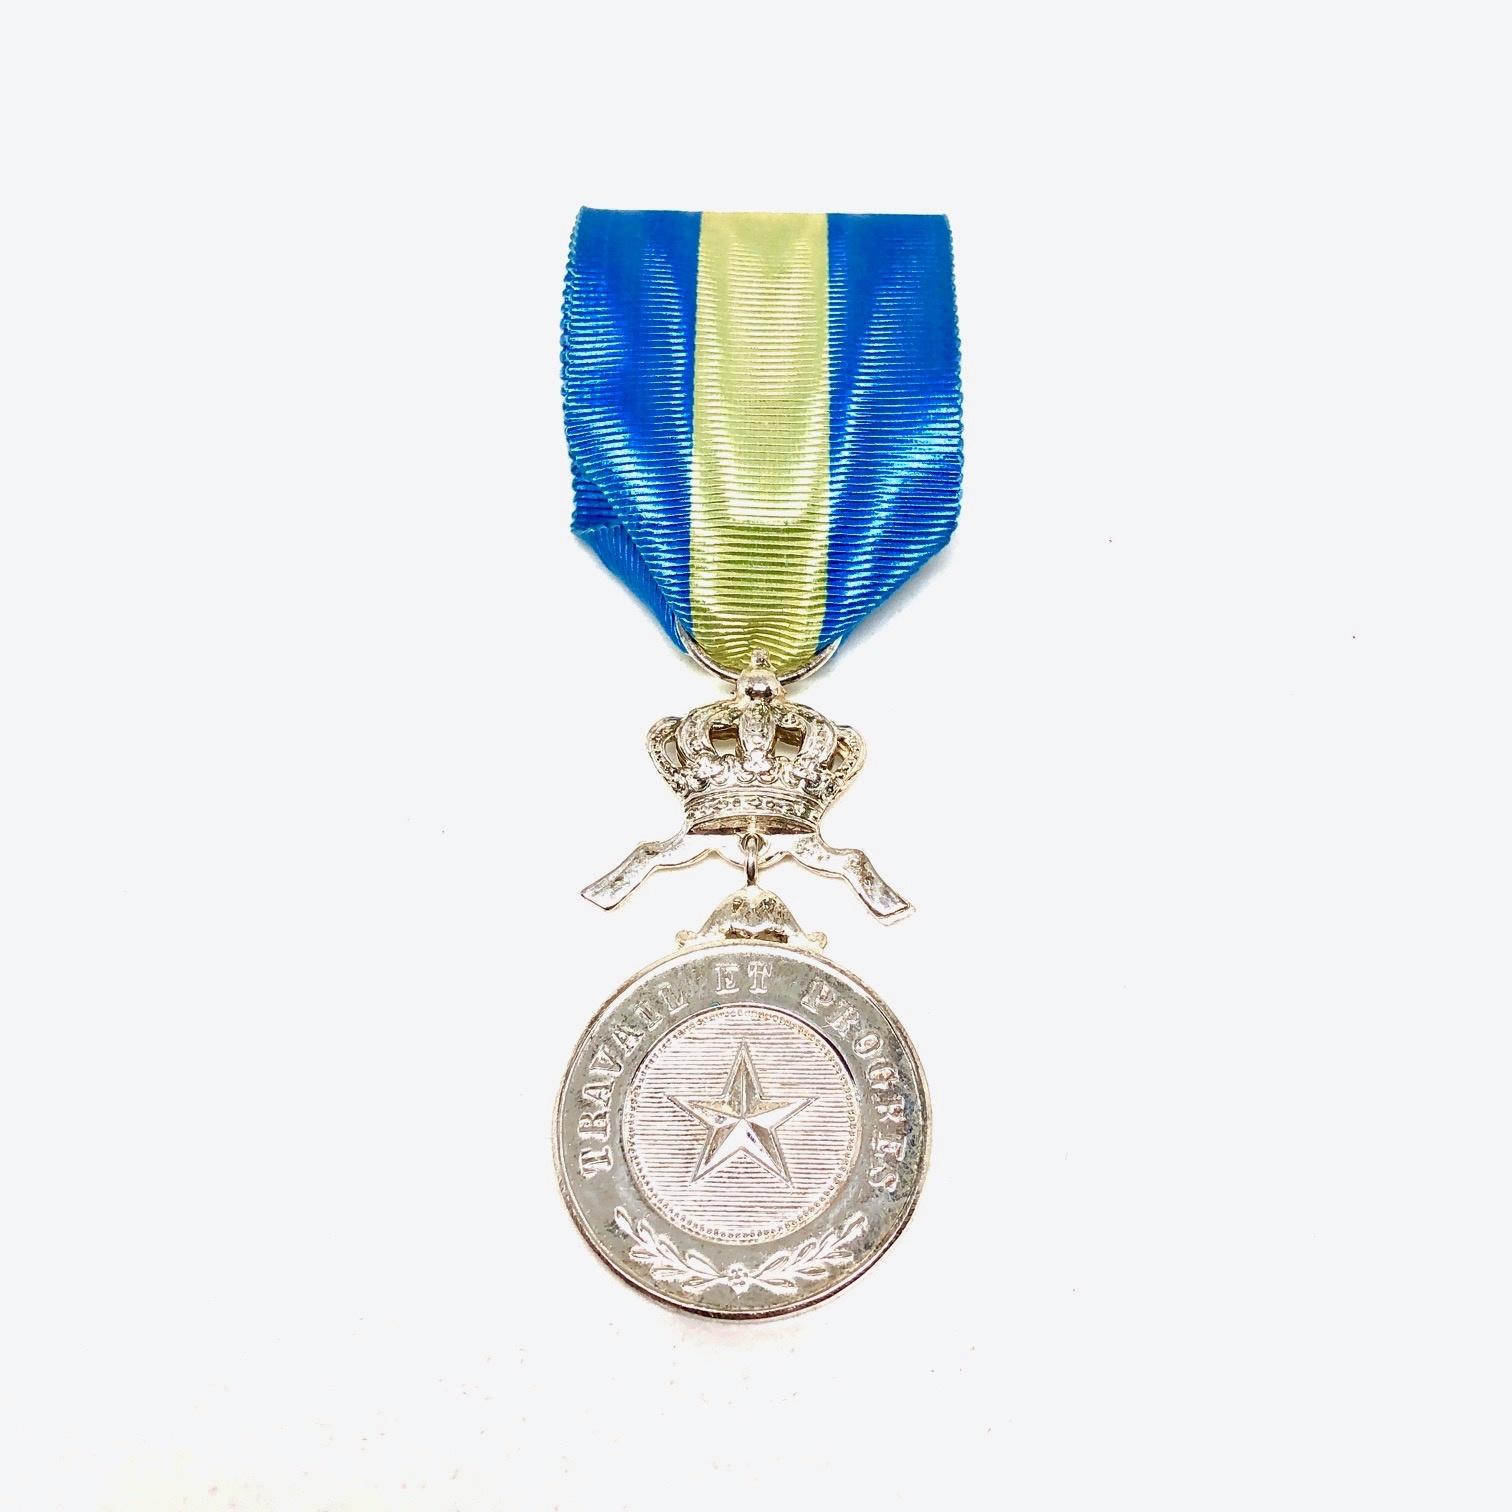 Médaille d'Argent de l'Ordre de l'Étoile Africaine